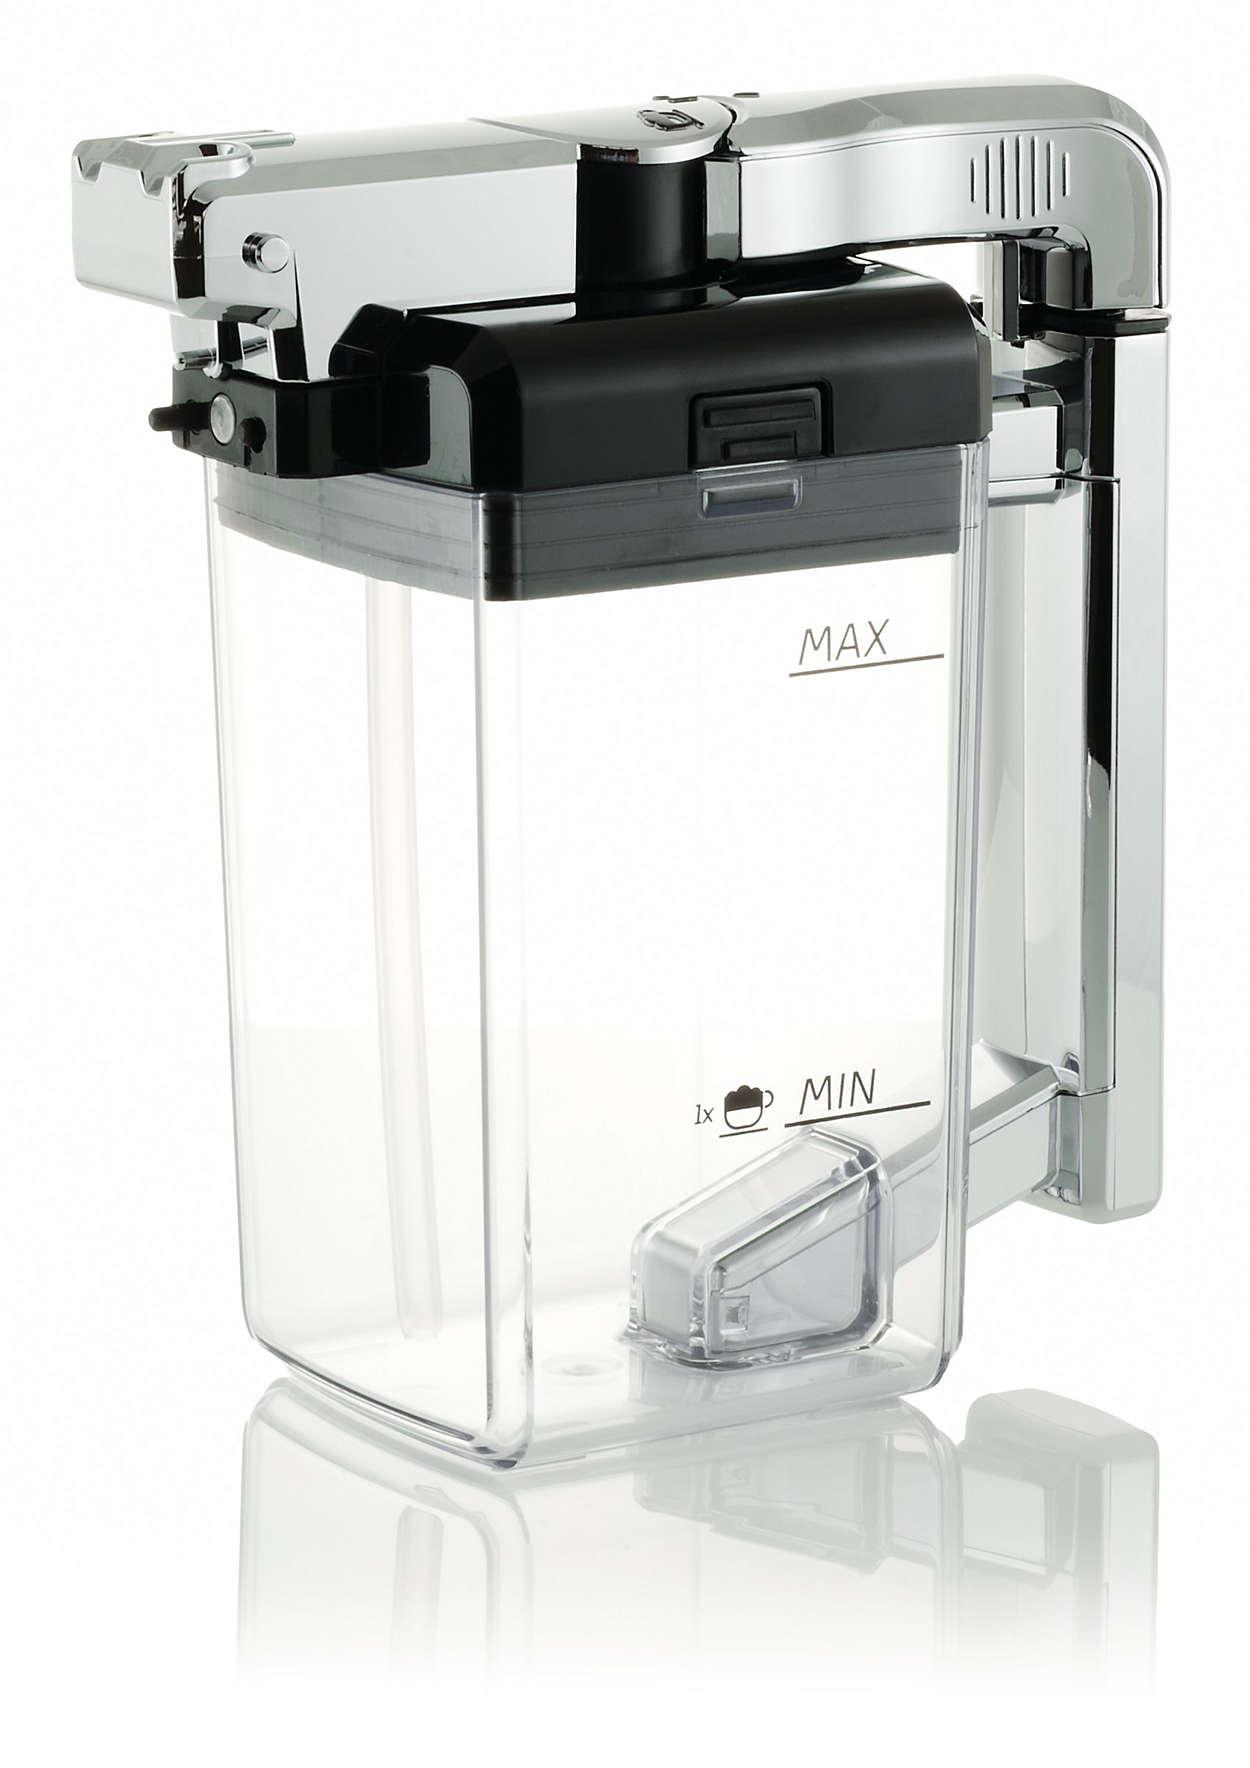 Filterhouder voor koffiezetapparaten